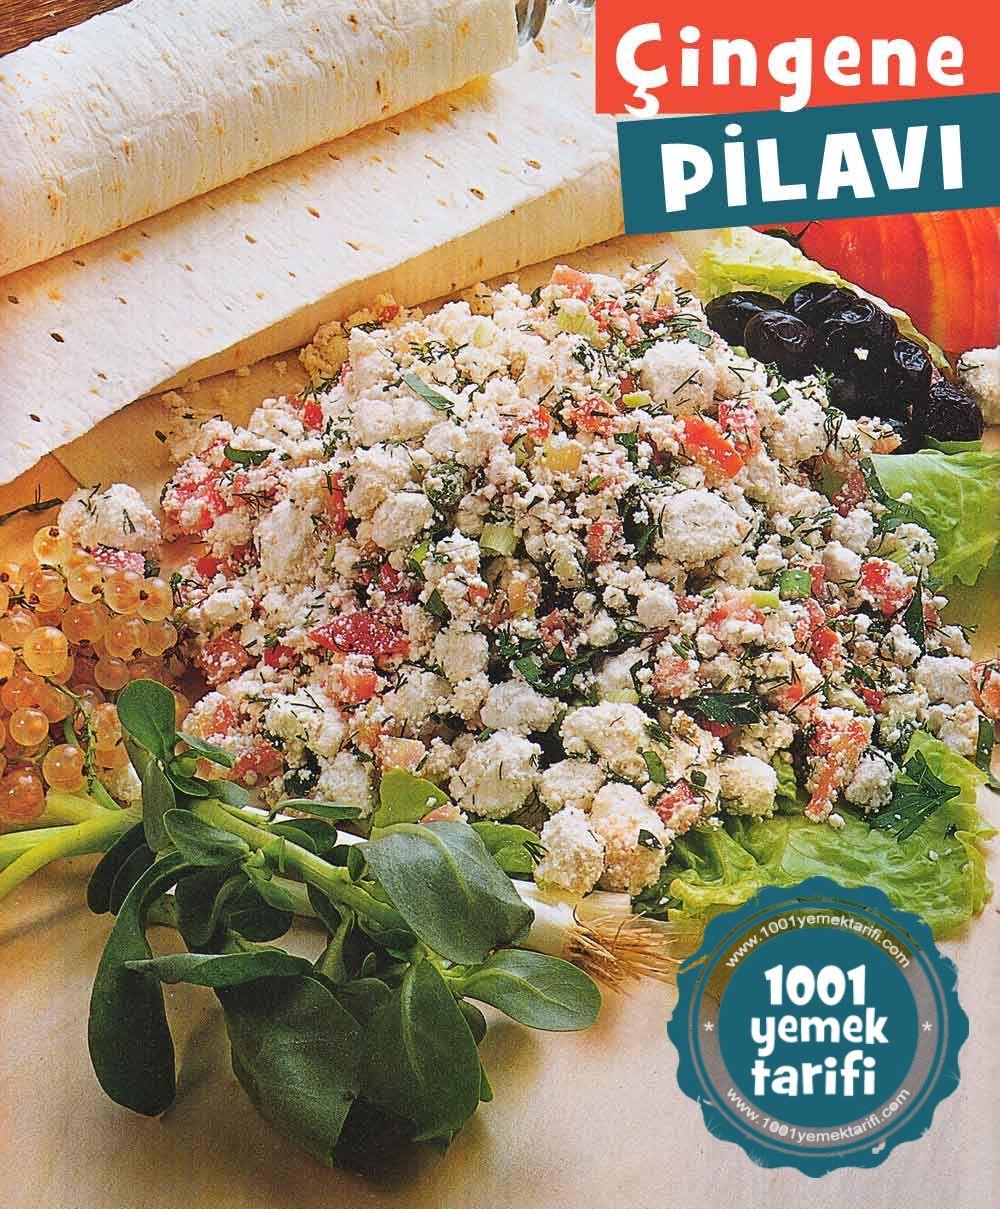 cingene-pilavi-tarifi-lavas-ile-yapimi-nefis-kolay-kahvalti menusu-1001yemektarifi